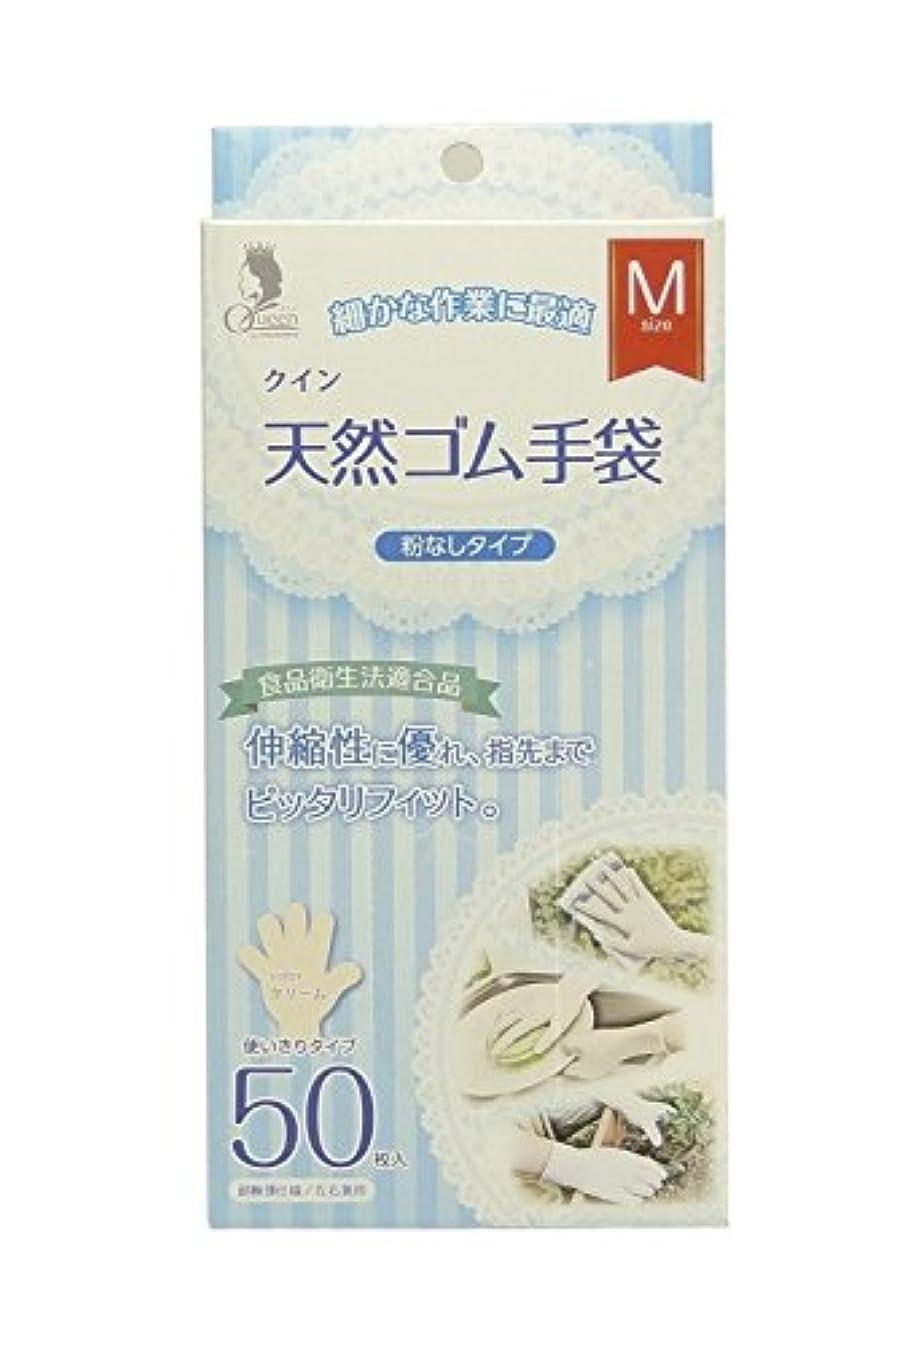 緑絶滅したりんご宇都宮製作 クイン 天然ゴム手袋(パウダーフリー) M 50枚